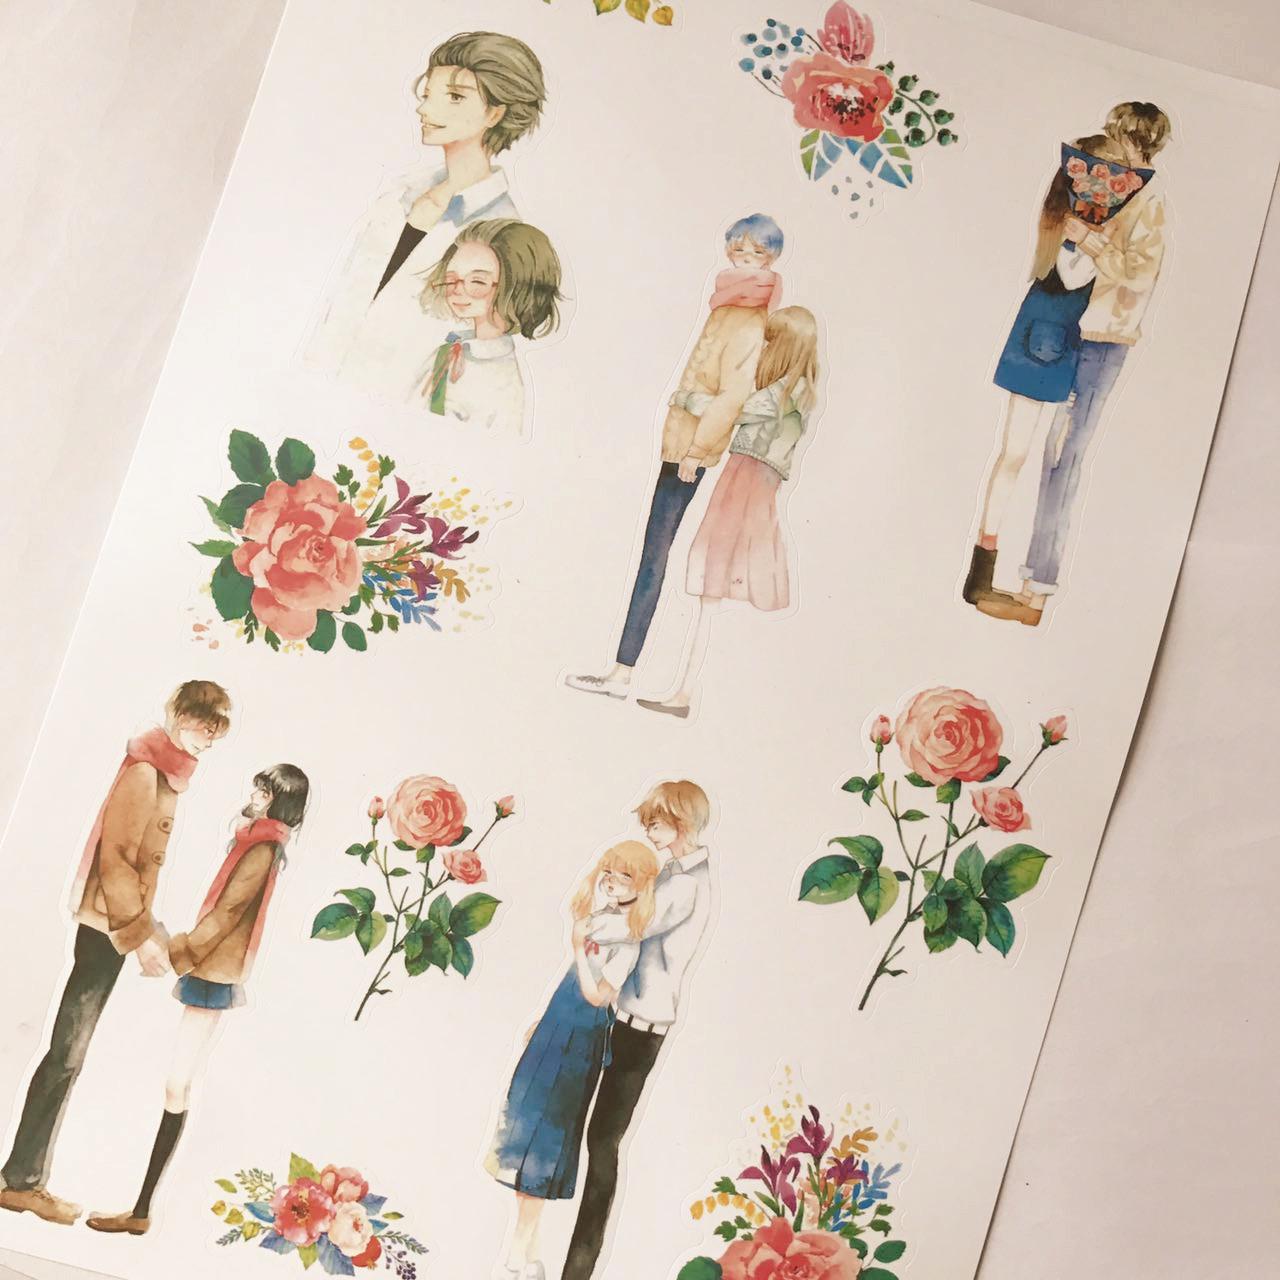 手帐之家手帐贴纸相册装饰 可爱手绘少女 女孩笔记本日记手账贴纸